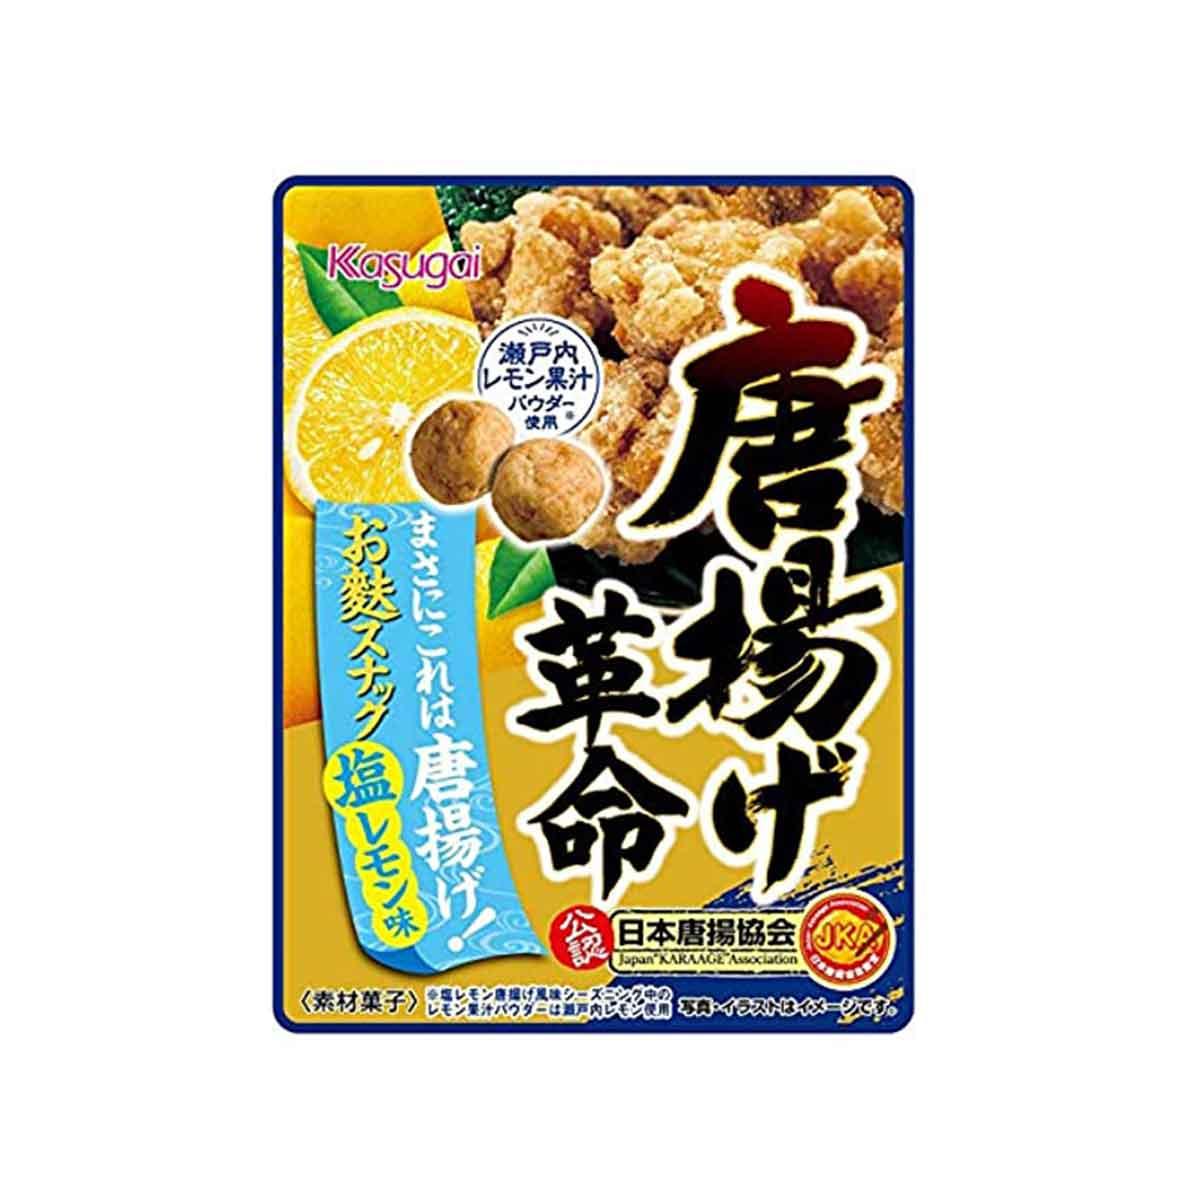 唐揚風味豆果子 鹽味檸檬 春日井 日本進口製造